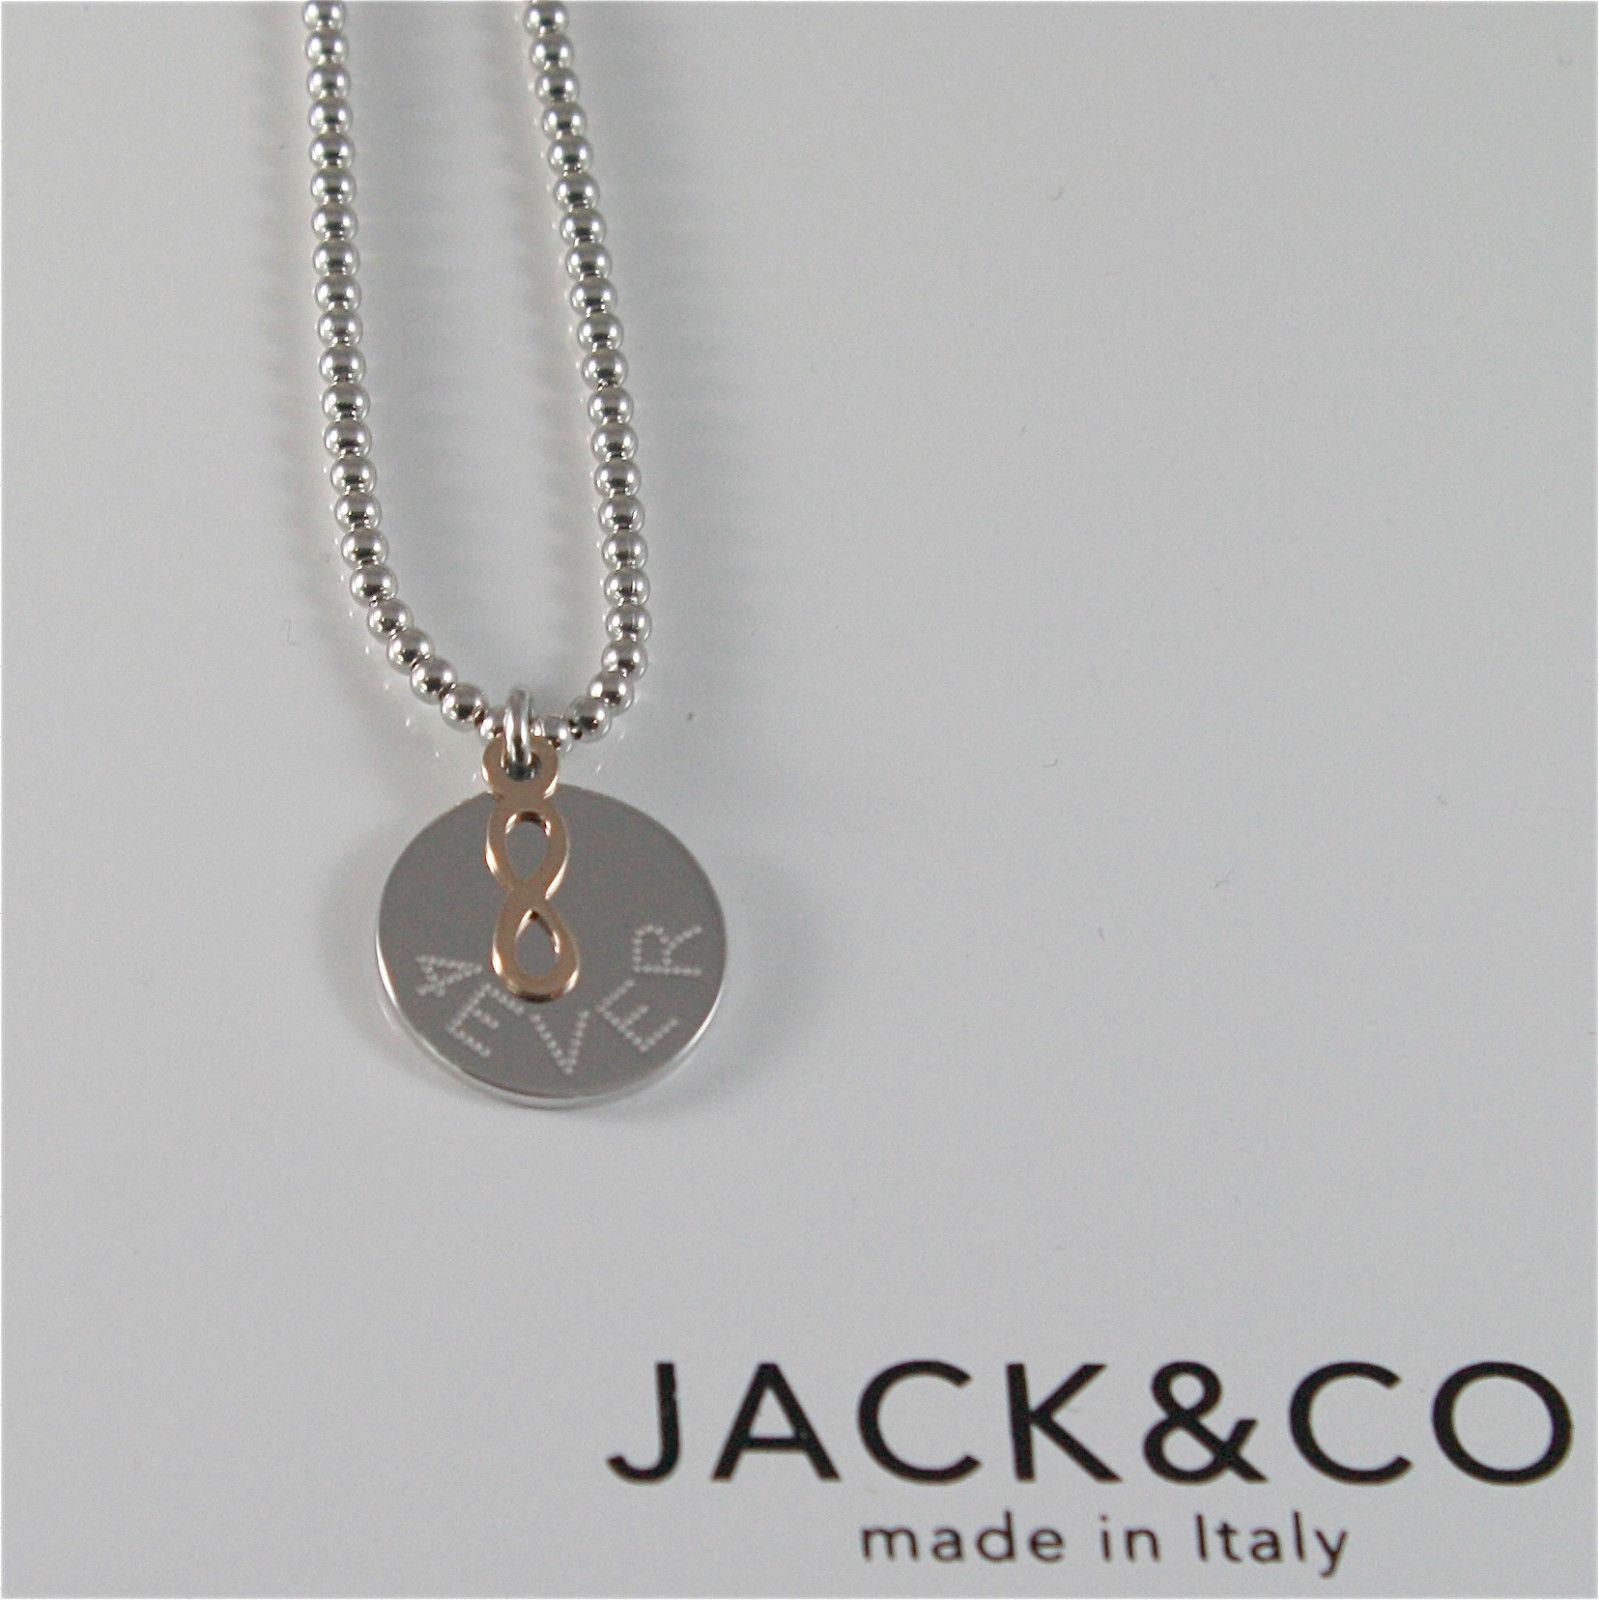 COLLIER PERLE EN ARGENT 925 JACK&CO AVEC INFINI OR ROSE 9KT JCN0548